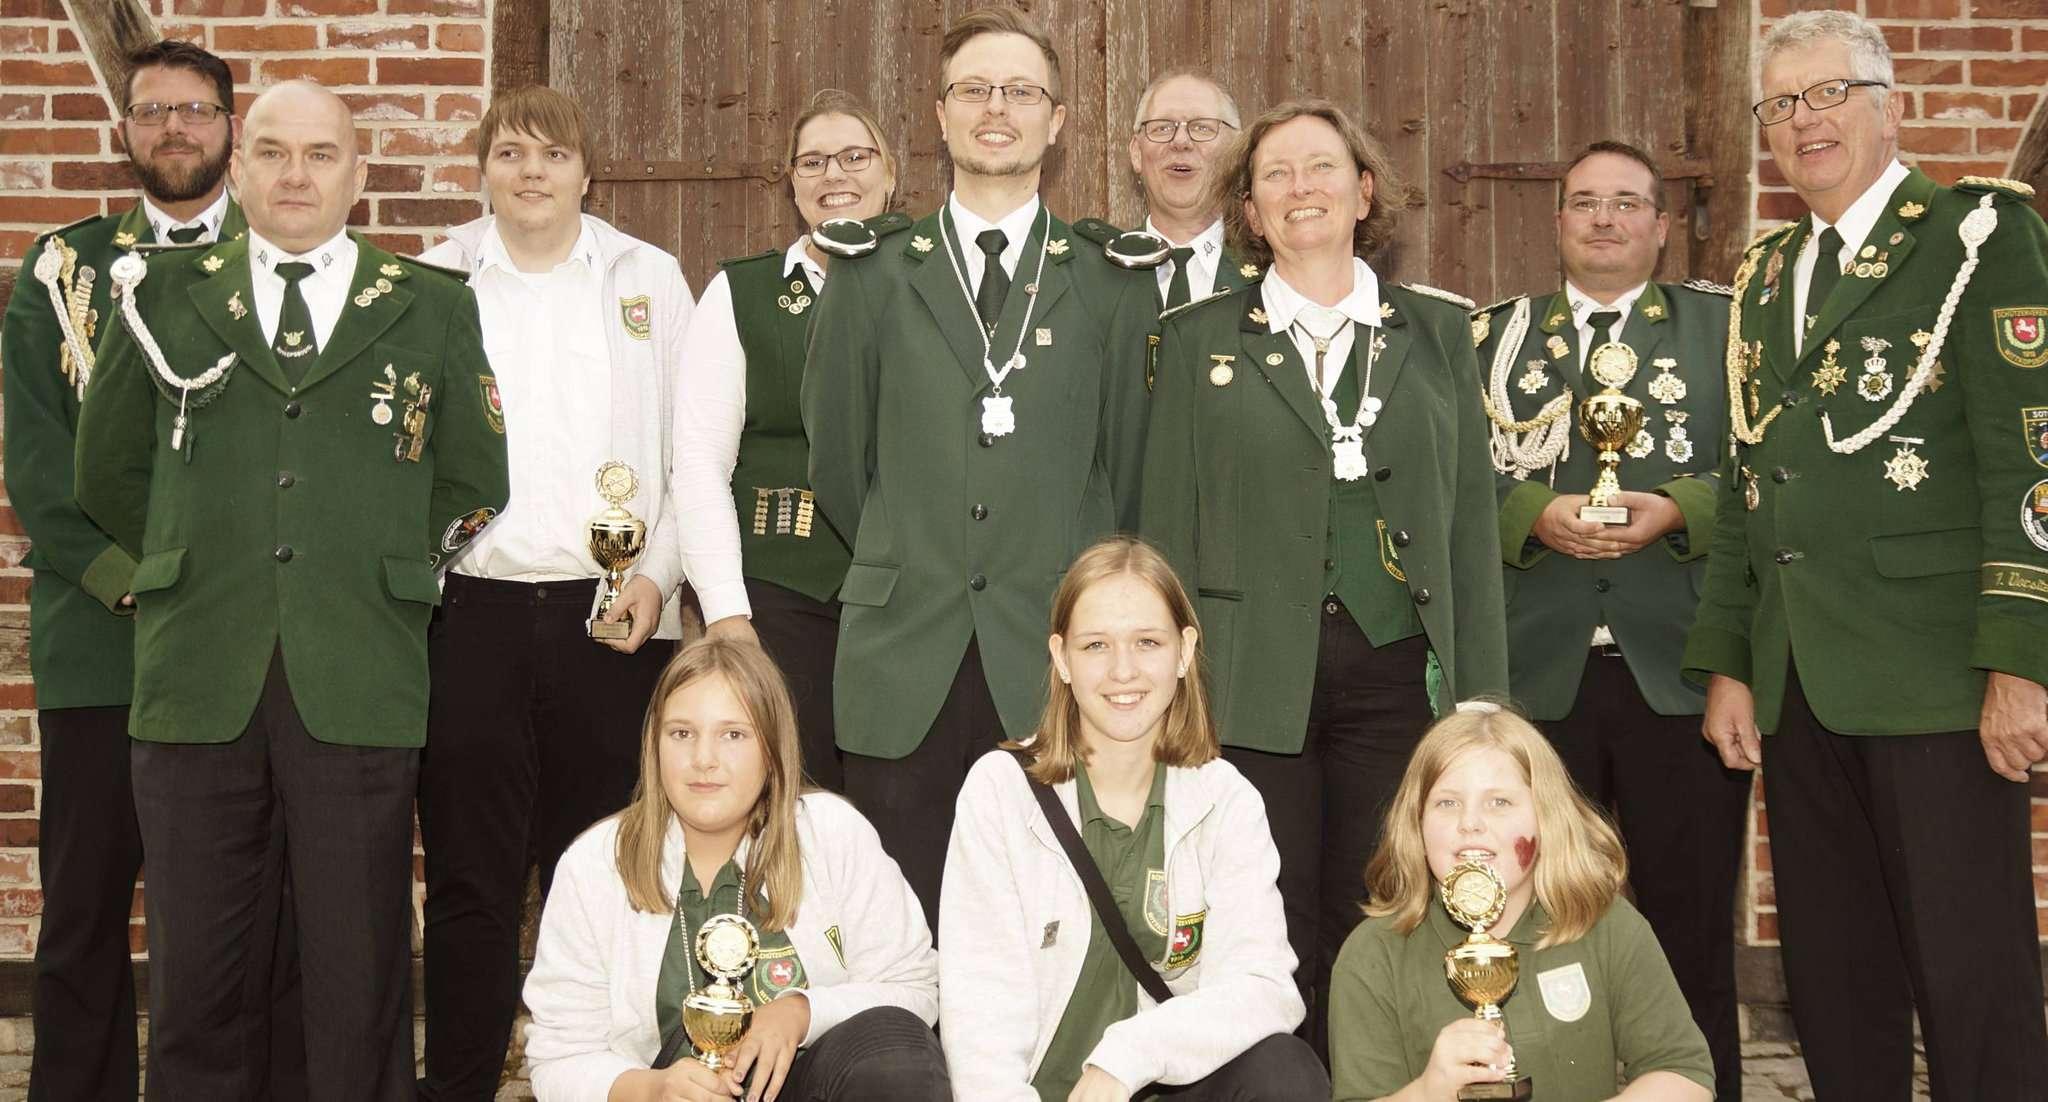 Bild: die neue Ertemeister Familie Foto: Erich Schulz